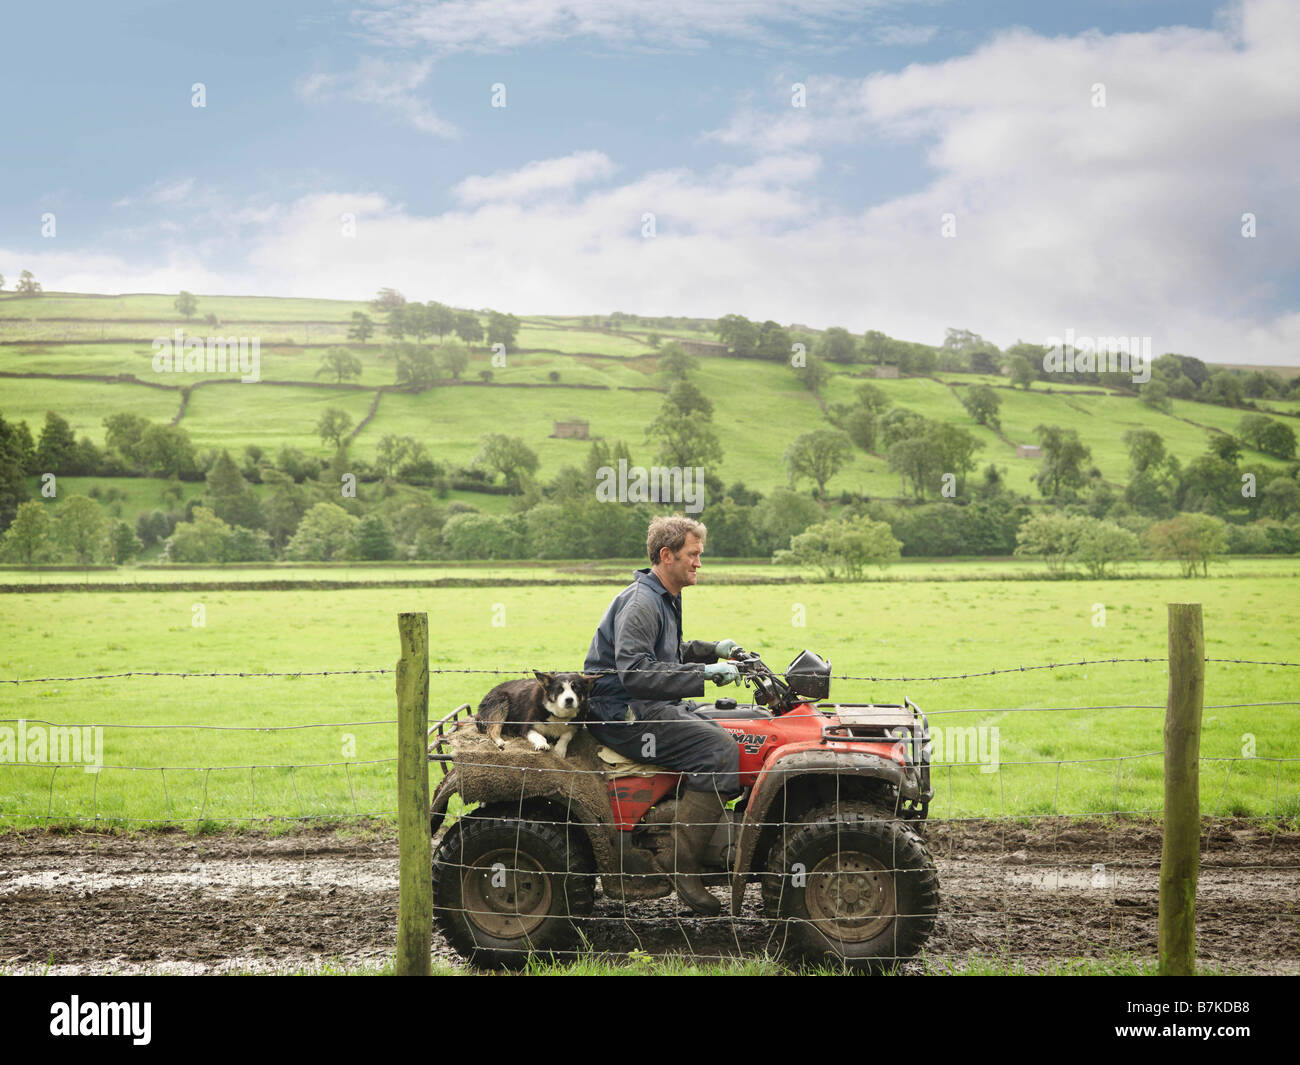 L'agricoltore e cane sul trattore Immagini Stock